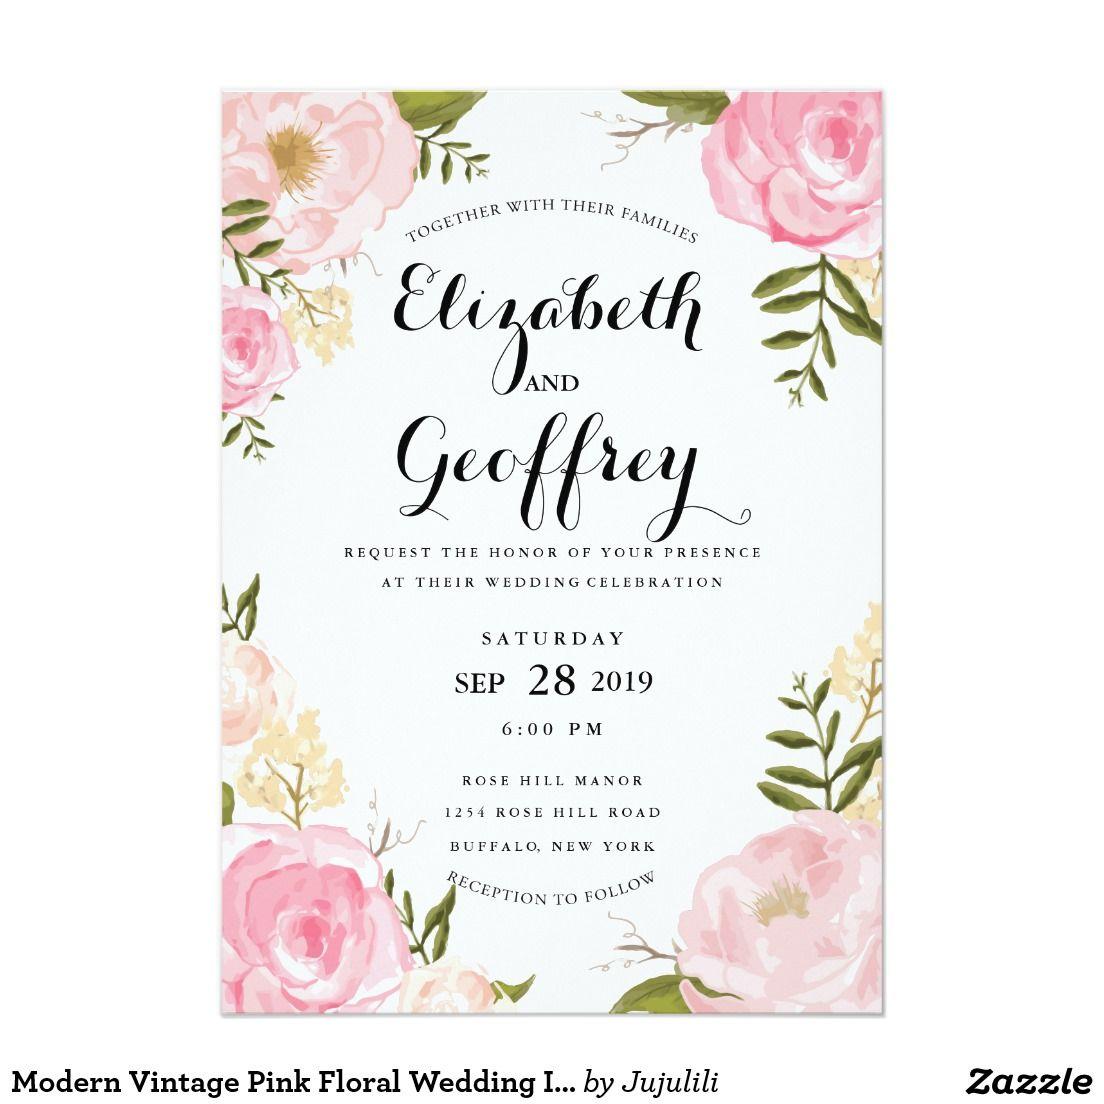 Modern Vintage Pink Floral Wedding Invitation   Floral ...